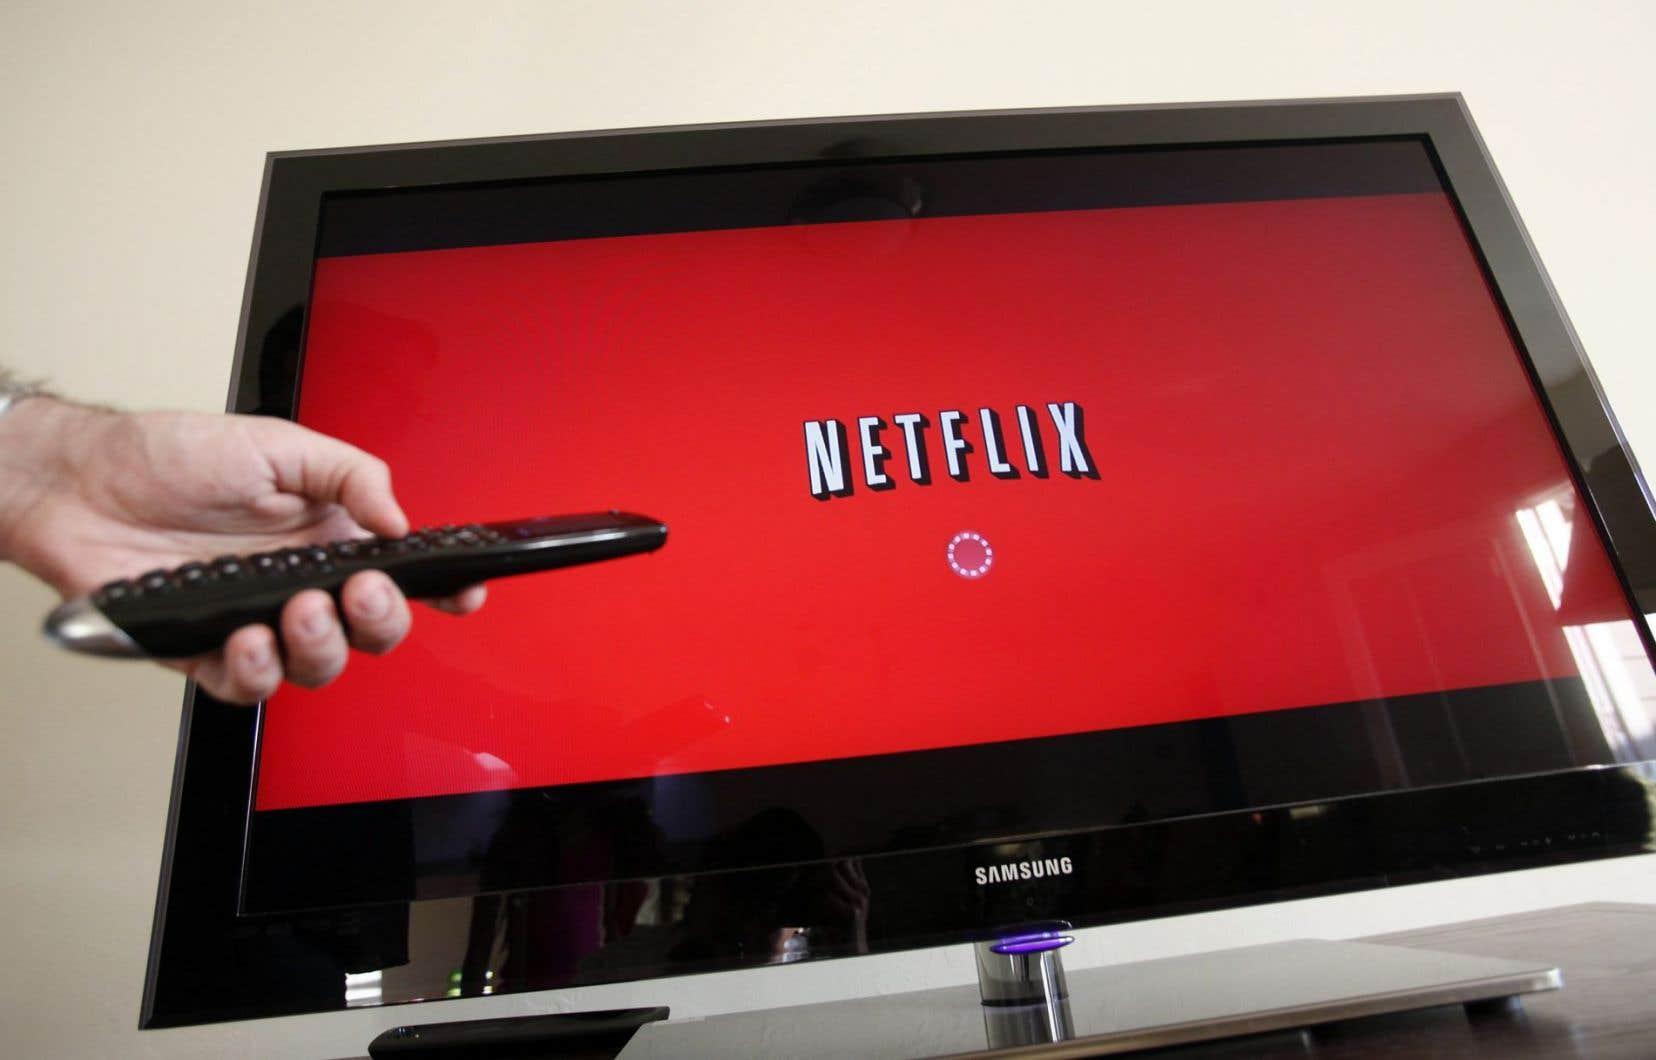 Plusieurs services en ligne basés à l'extérieur du pays, dont Netflix, ne facturent pas de taxes à leurs consommateurs canadiens.